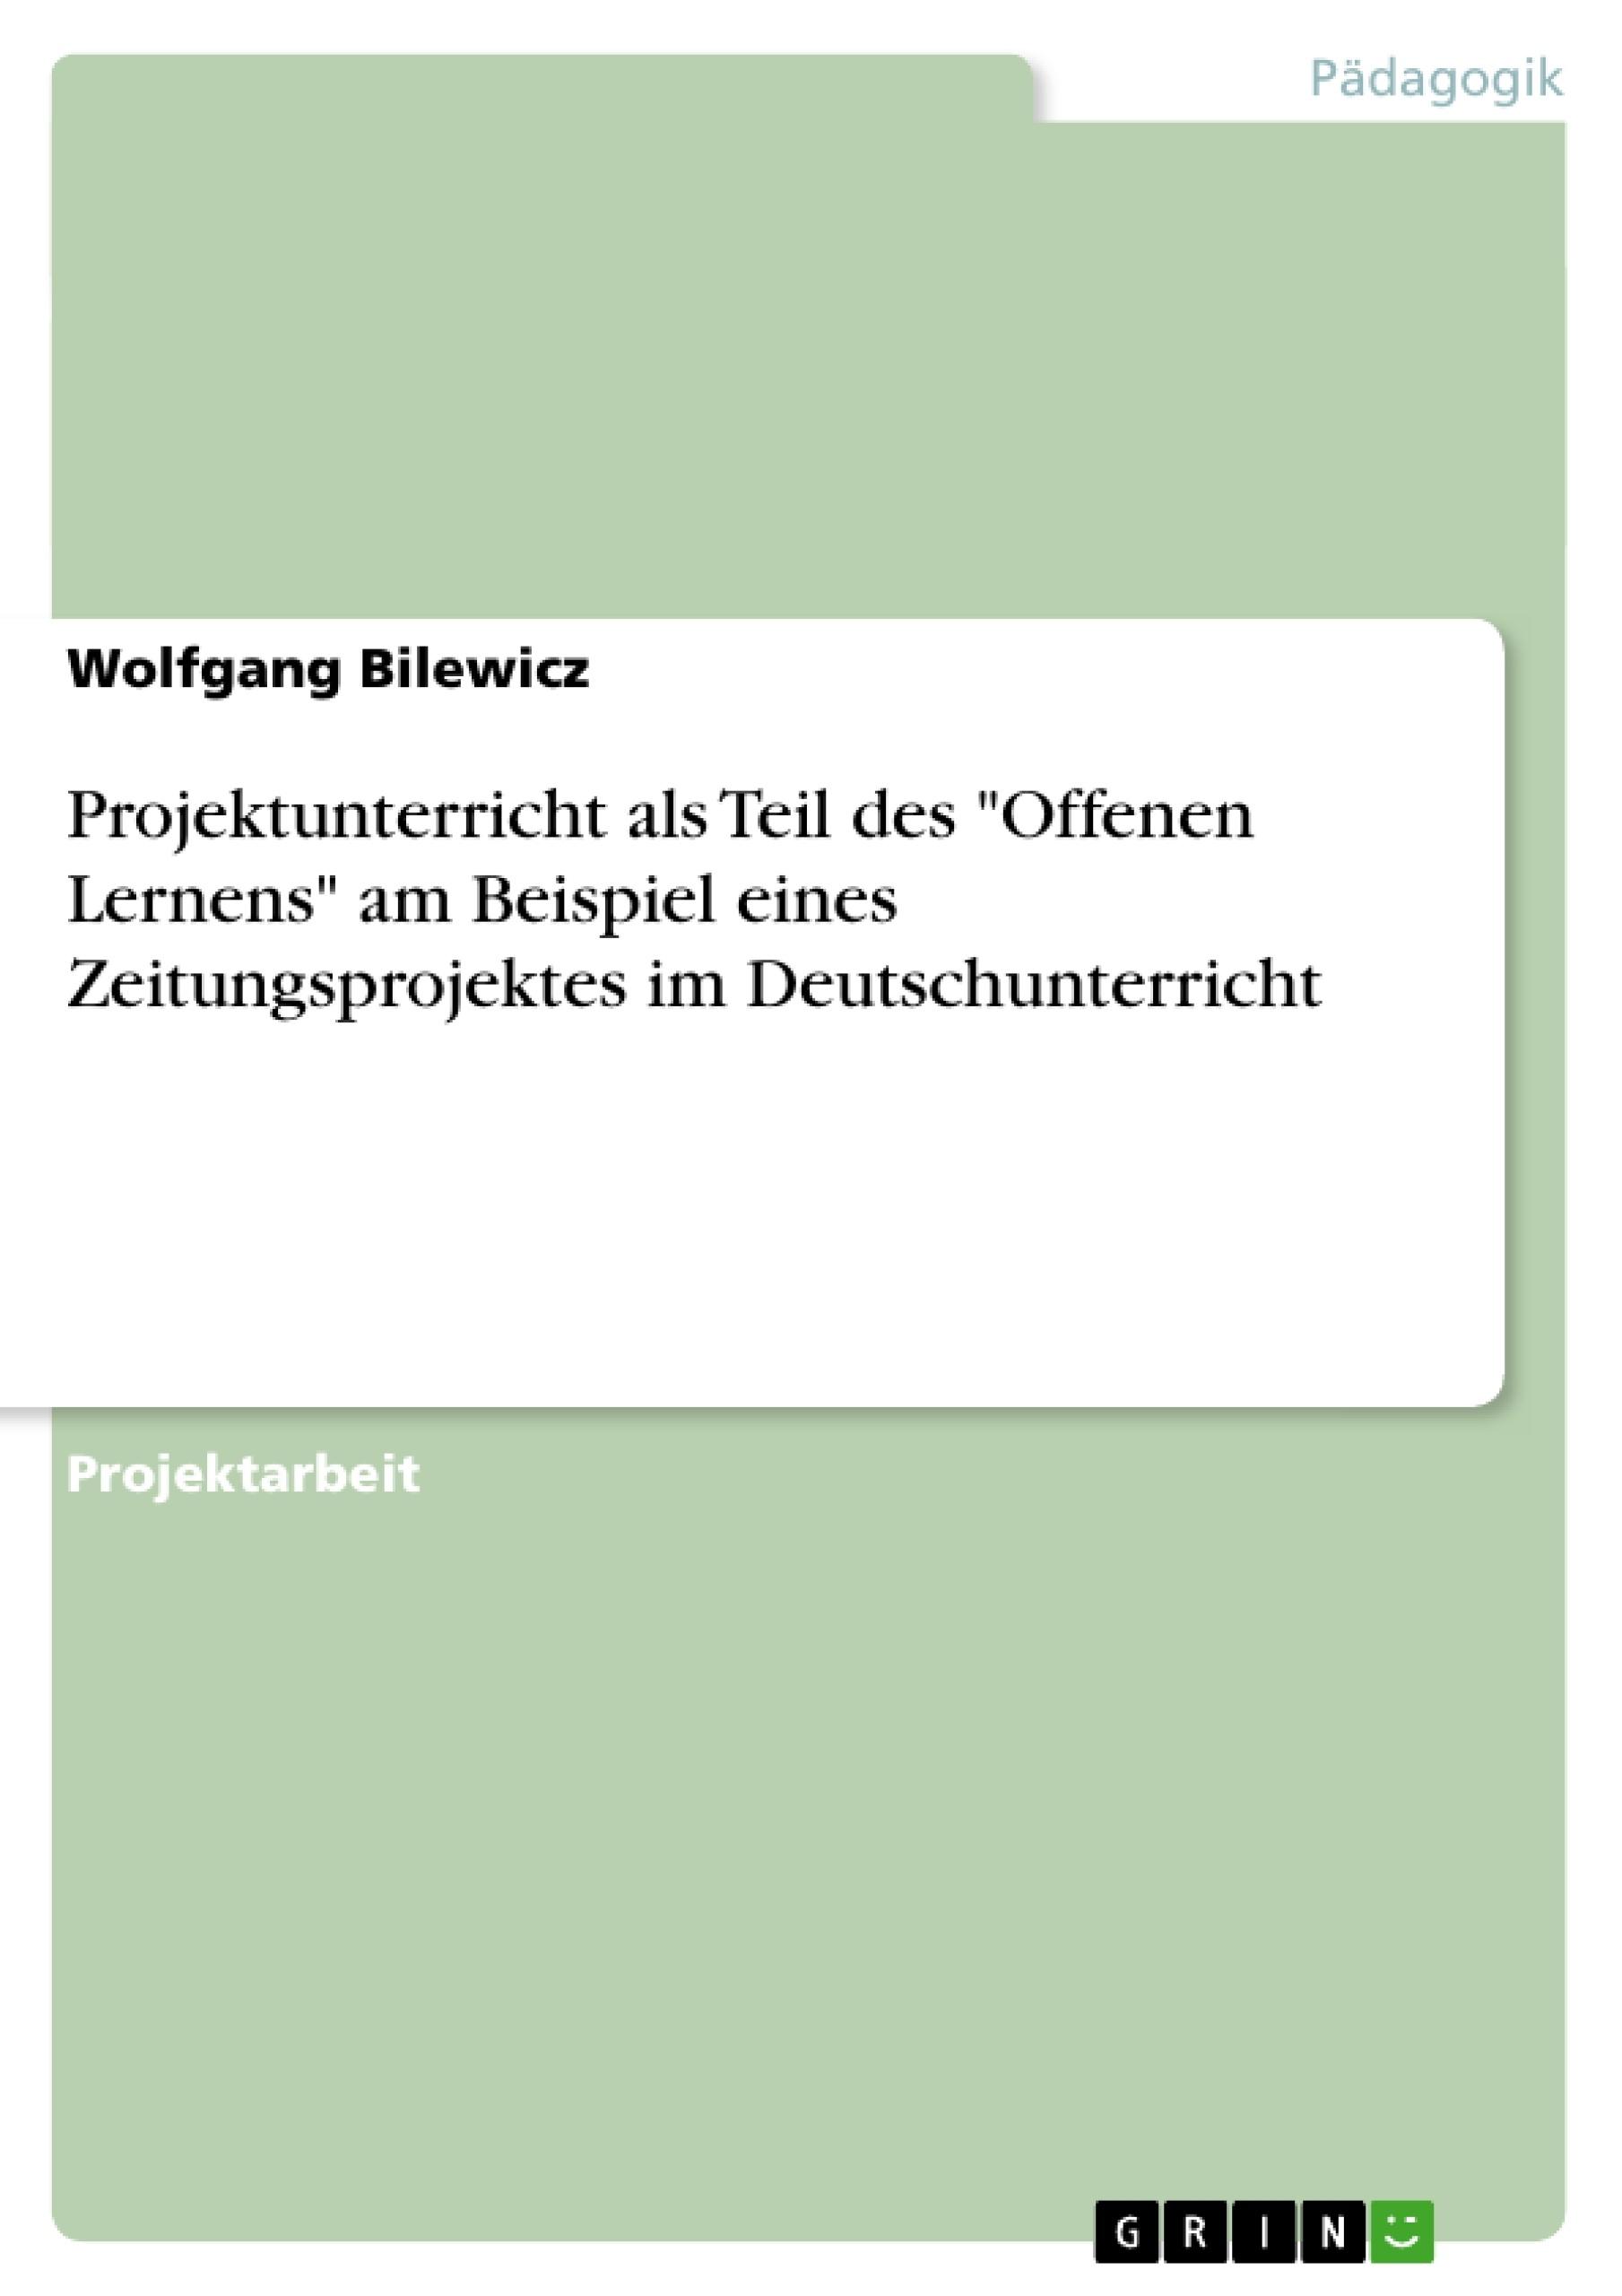 """Titel: Projektunterricht als Teil des """"Offenen Lernens"""" am Beispiel eines Zeitungsprojektes im Deutschunterricht"""